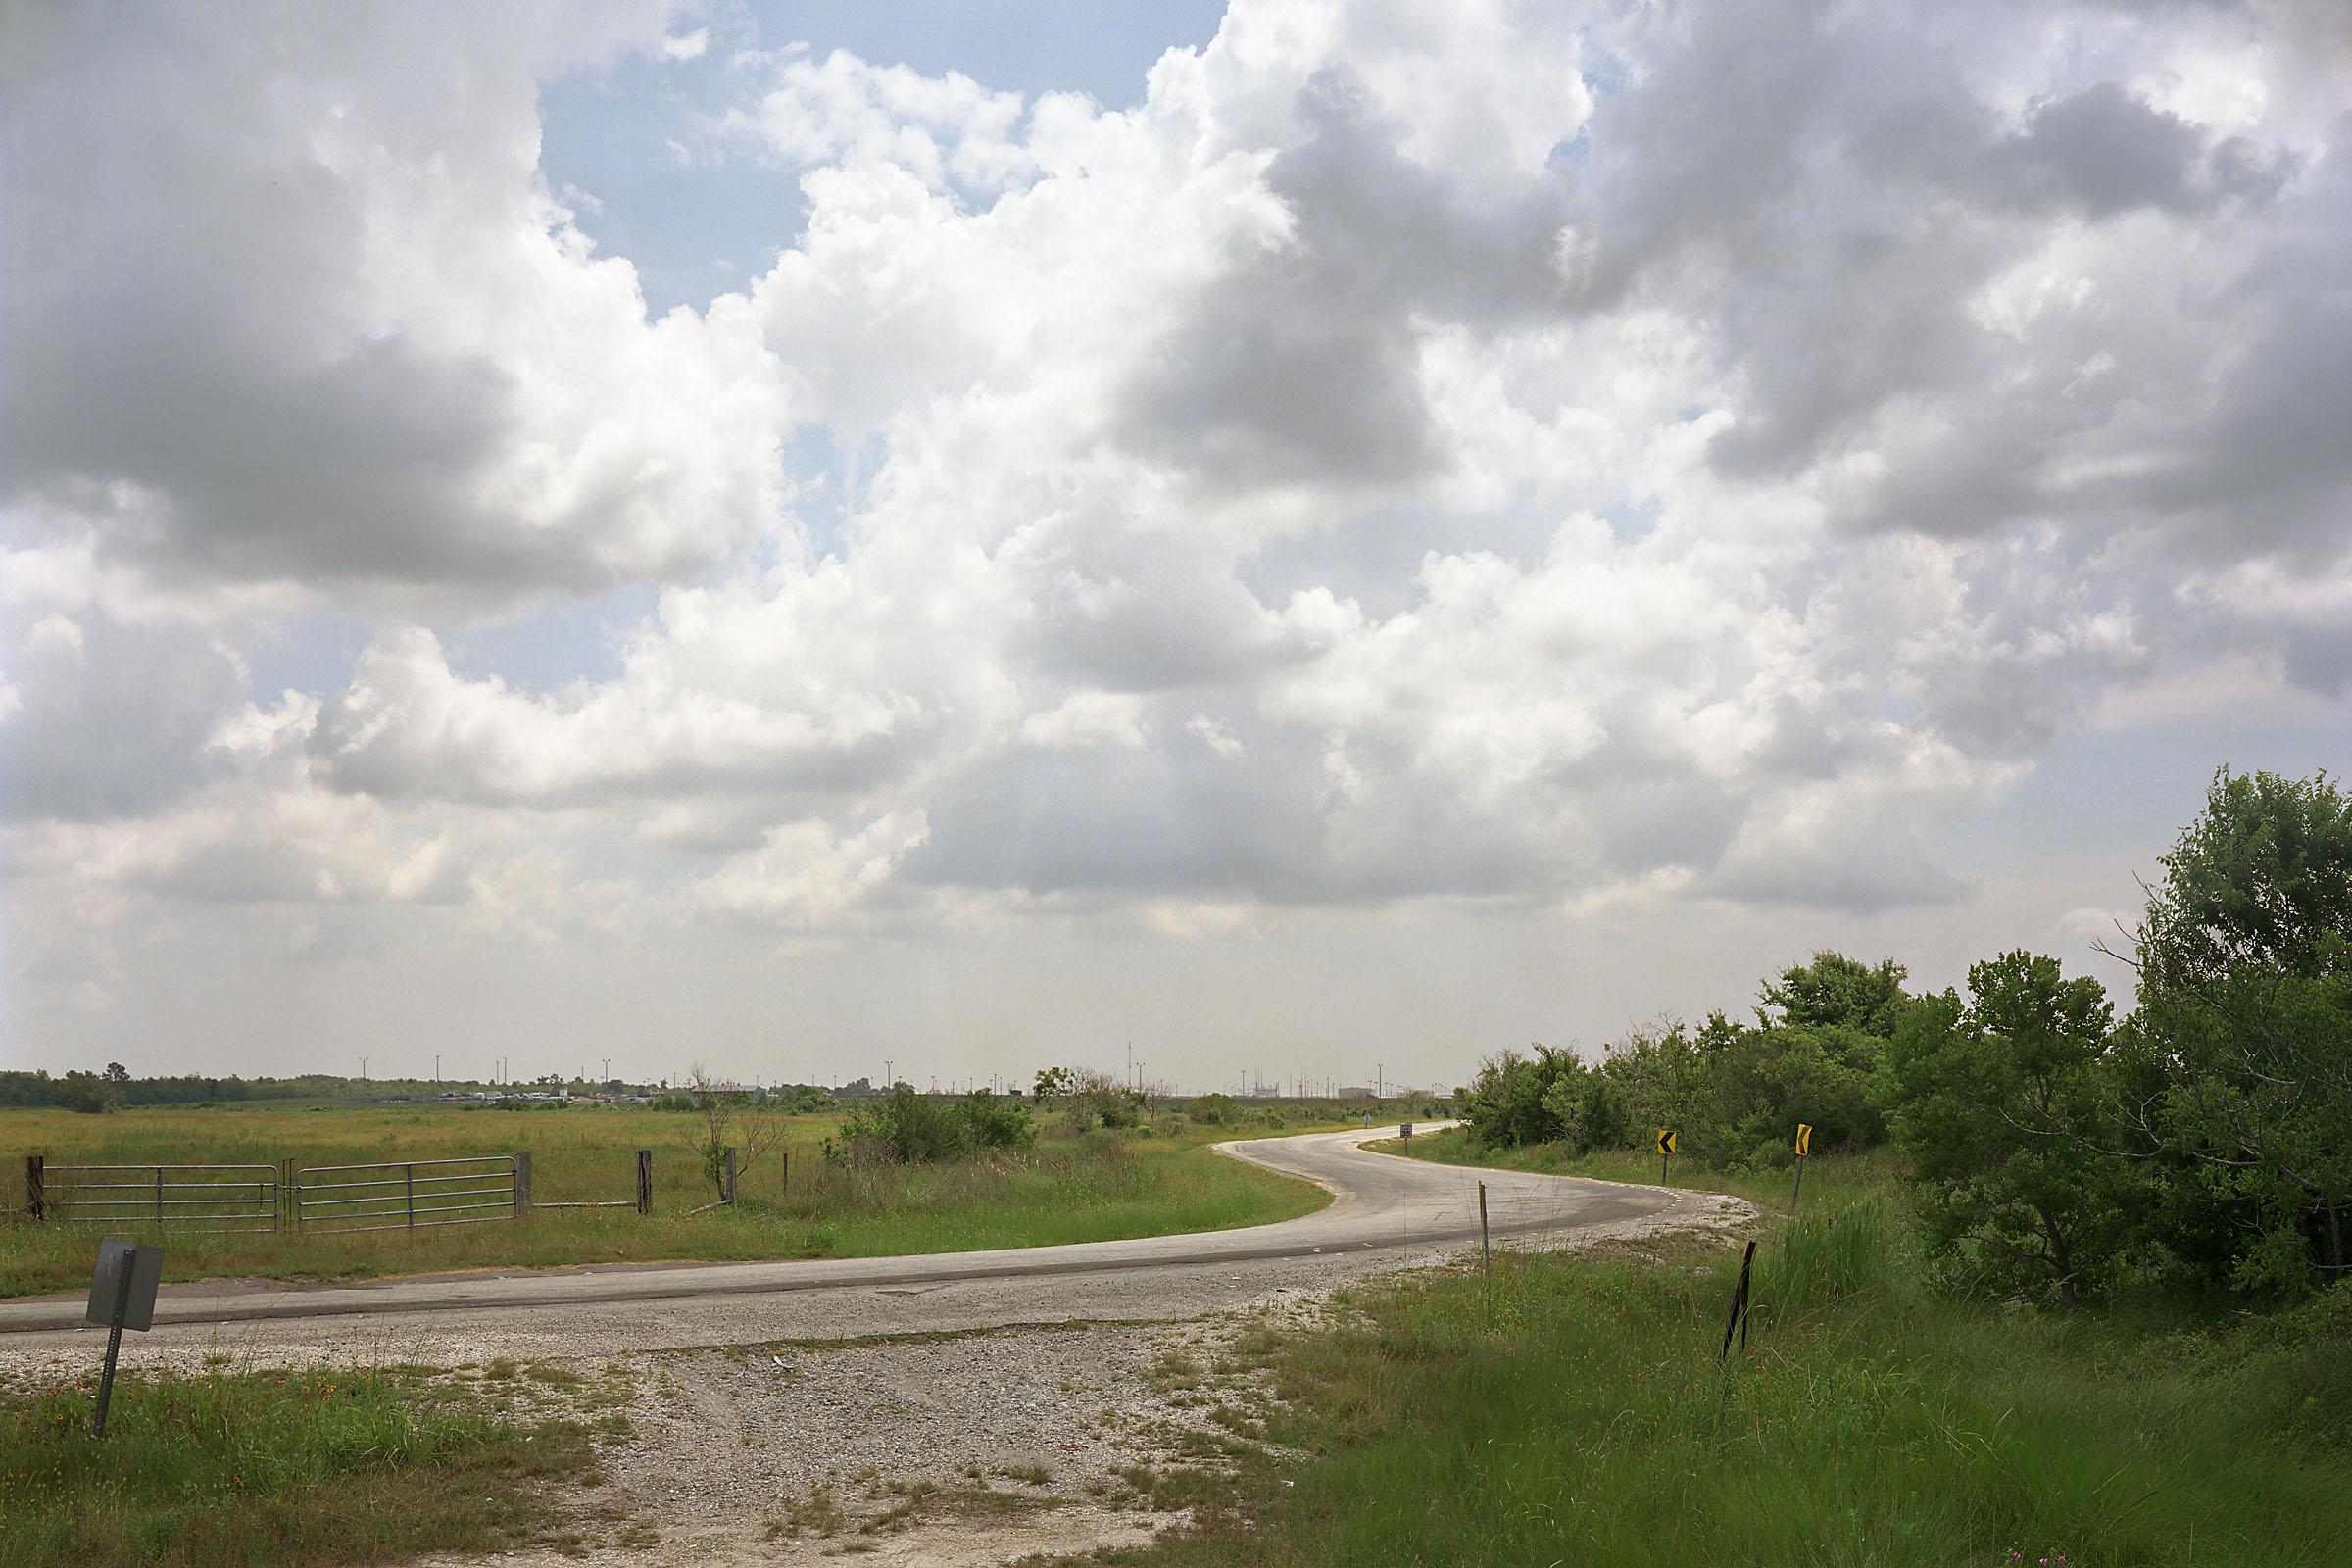 166.7 million barrels, Big Hill, Texas.